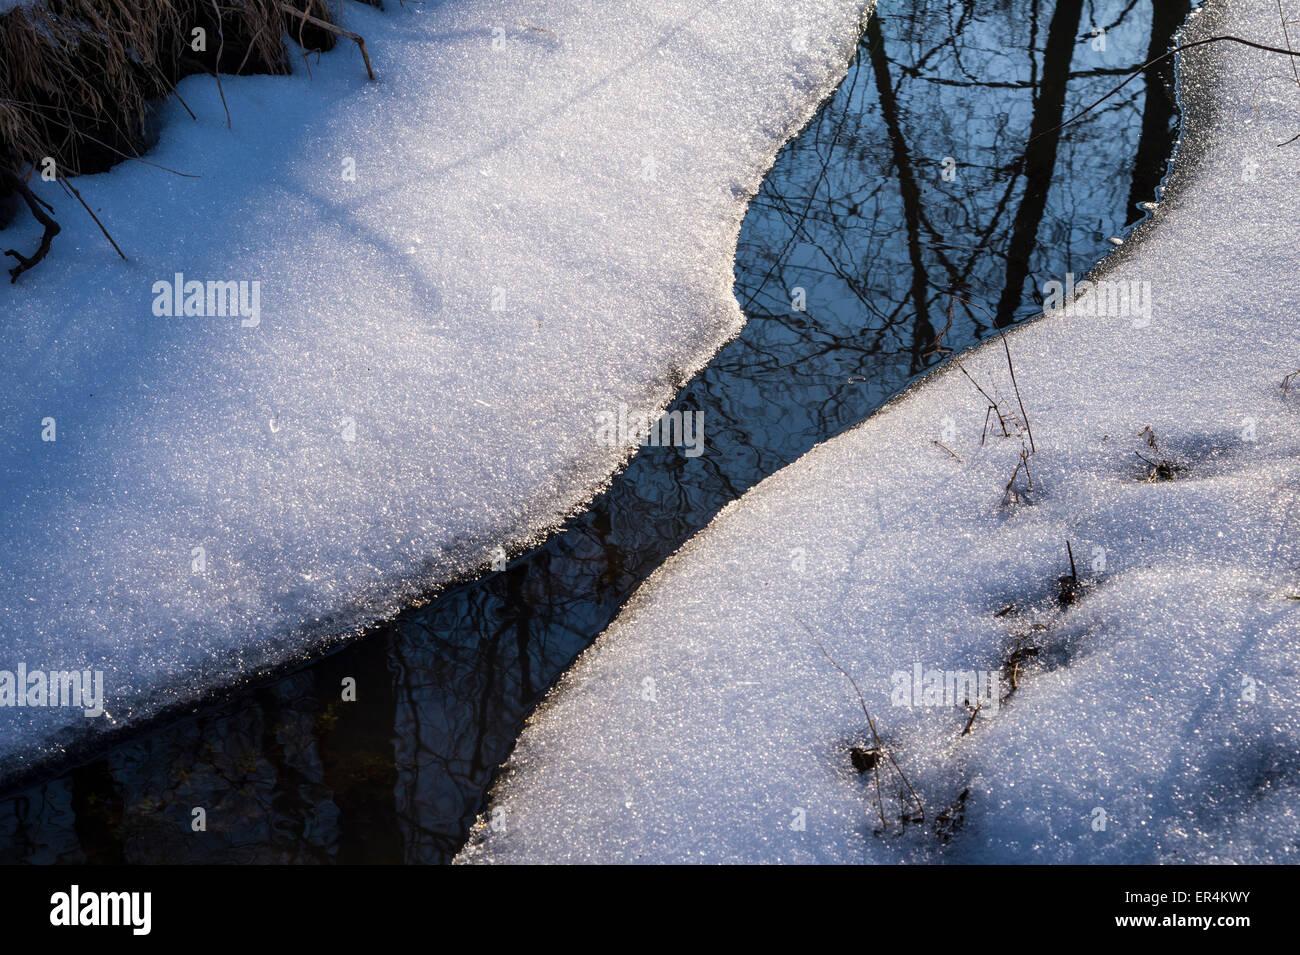 Flux partiellement congelé avec de la neige et de la réflexion Photo Stock